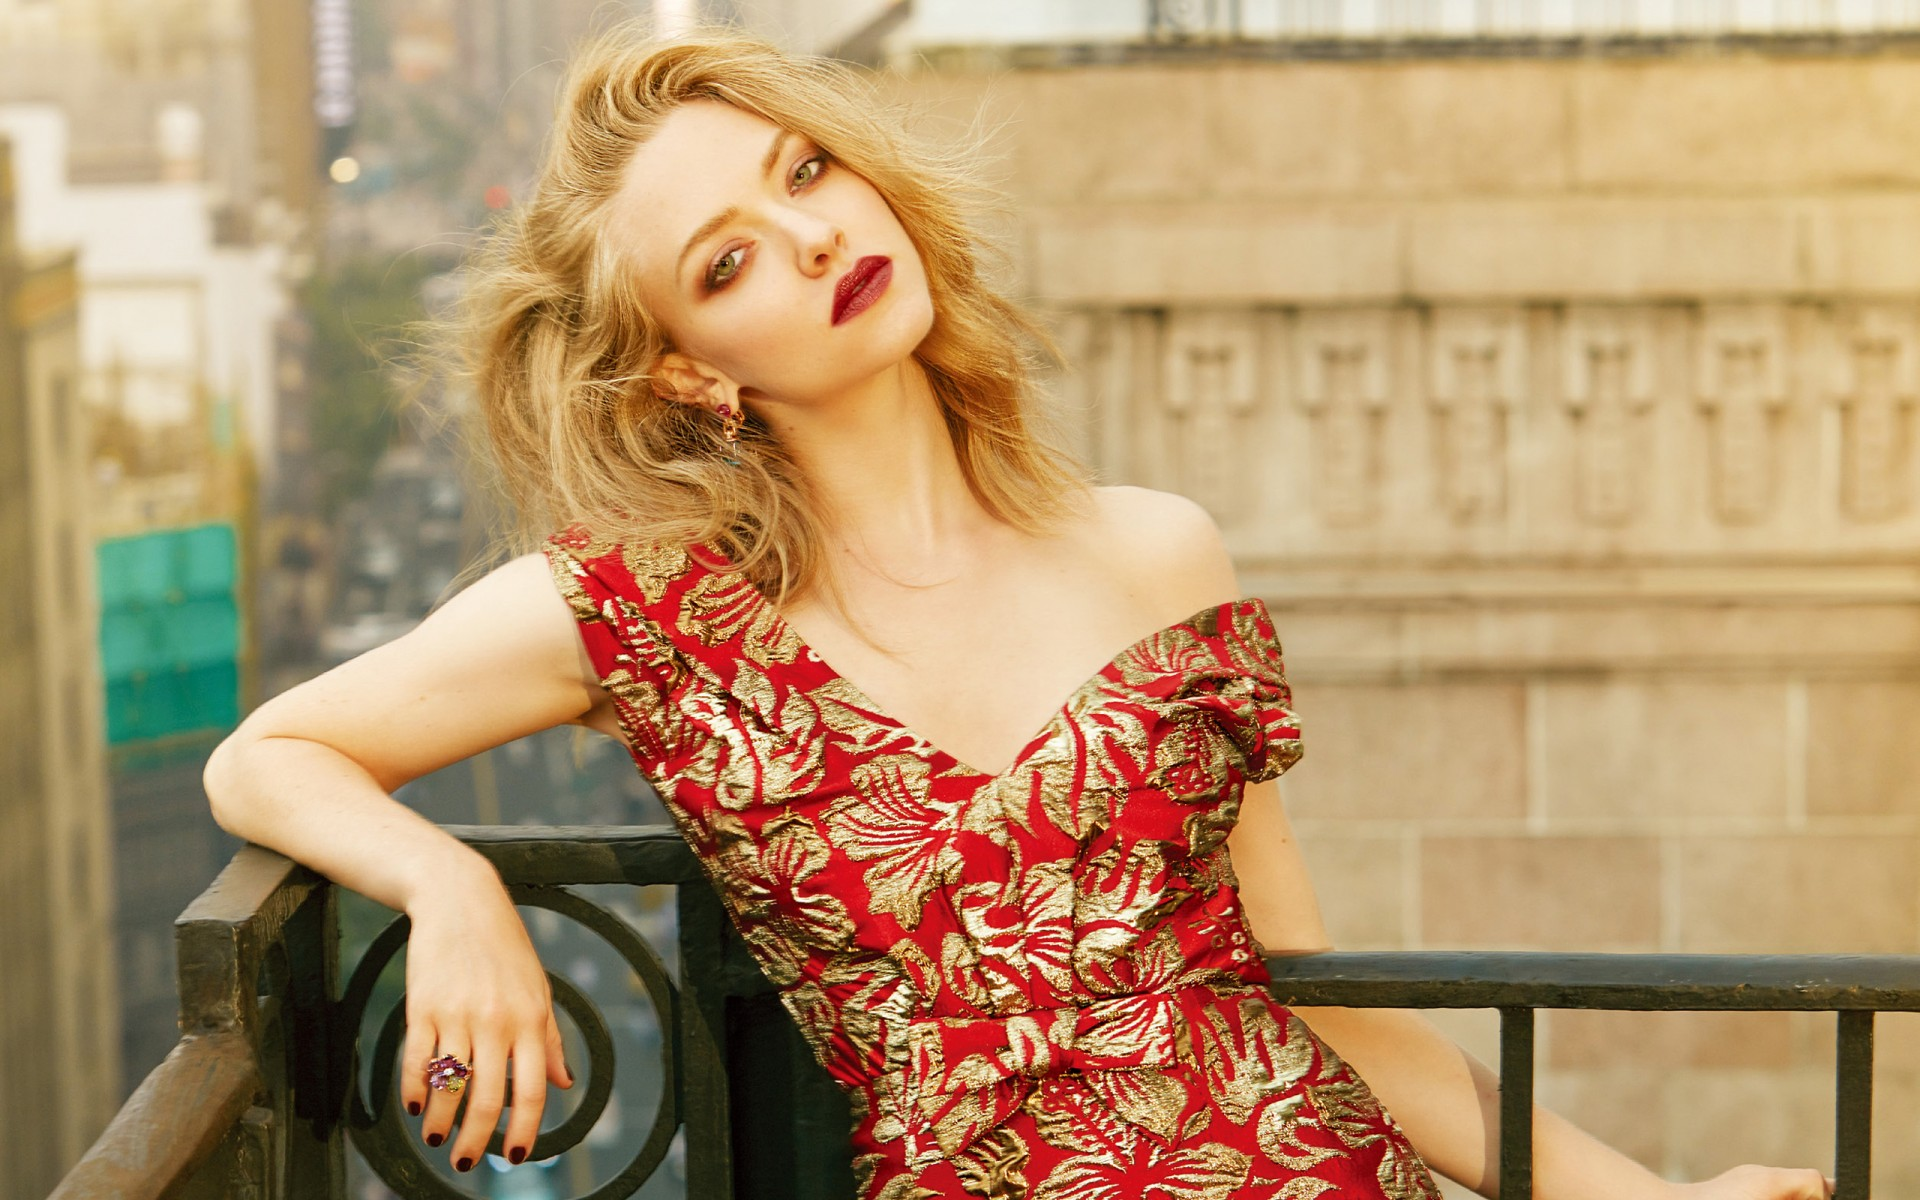 """Аманда Сейфрид, возможно, будет номинирована на """"Оскар"""" впервые"""